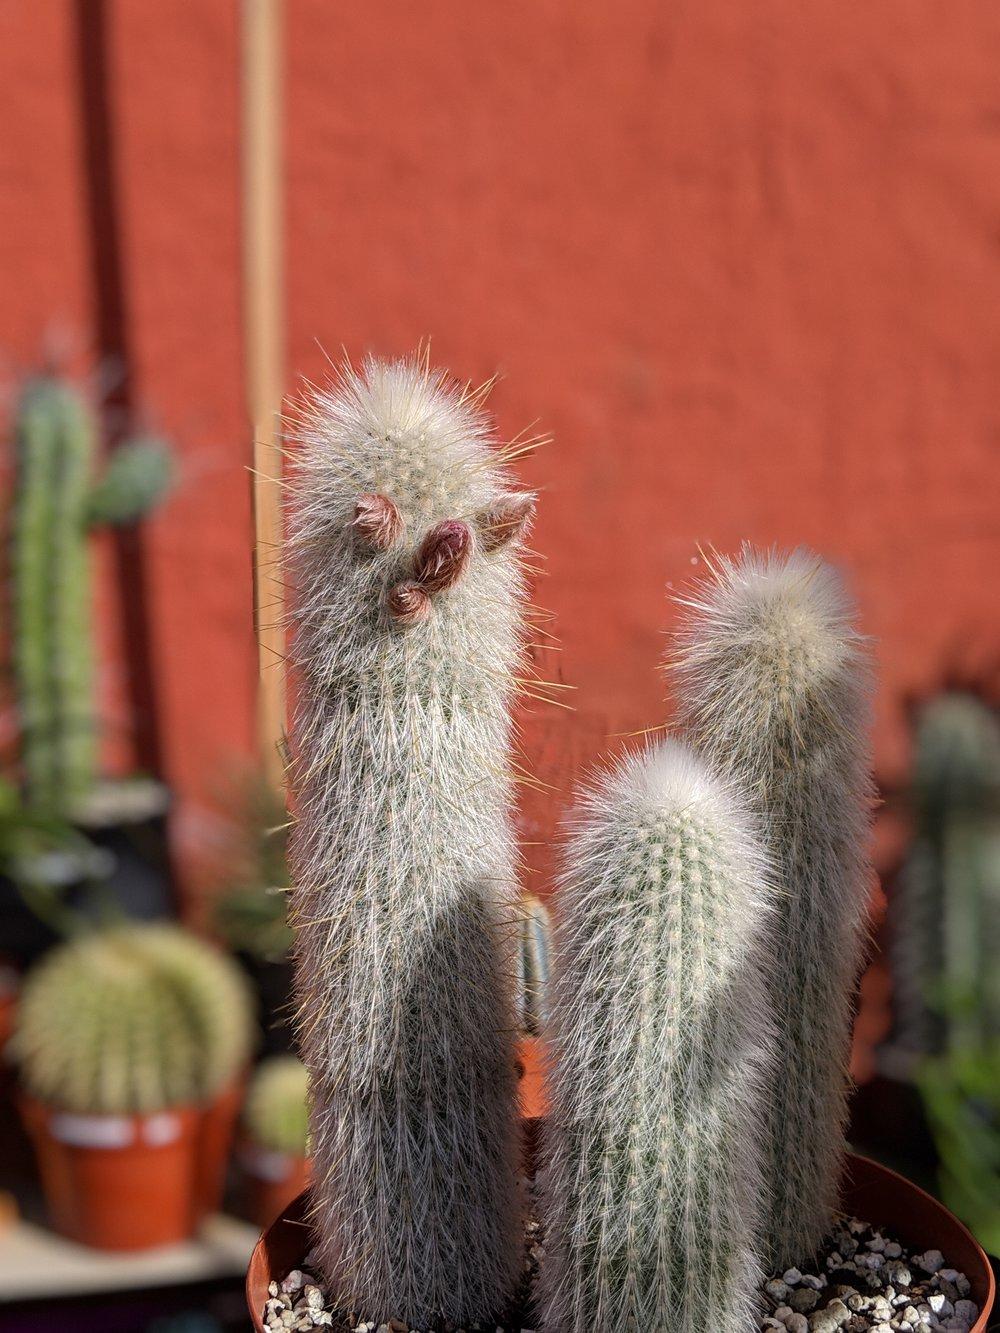 Artemisia Nursery in Los Angele, taken in portrait mode.  Photos taken on Google Pixel 3